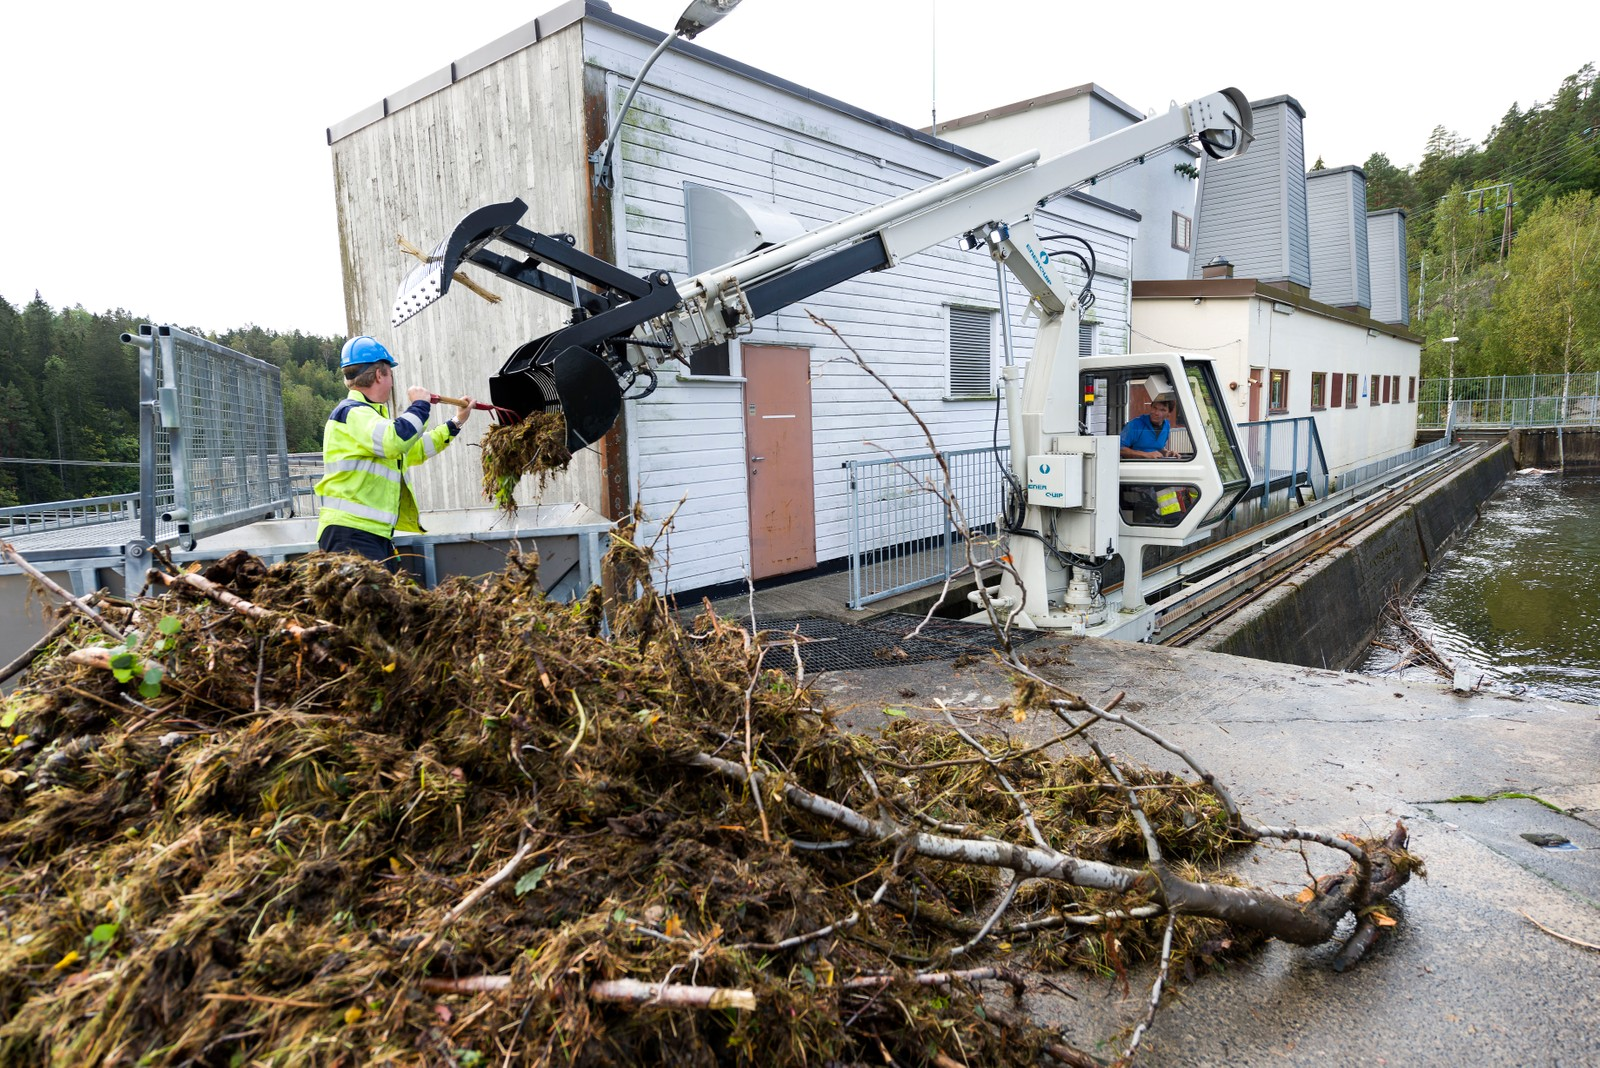 Store vannmengder ved Evenstad kraftverk. Trygve Thaule tar ut drivved frå grindrensen som Geir Klevene styrer.